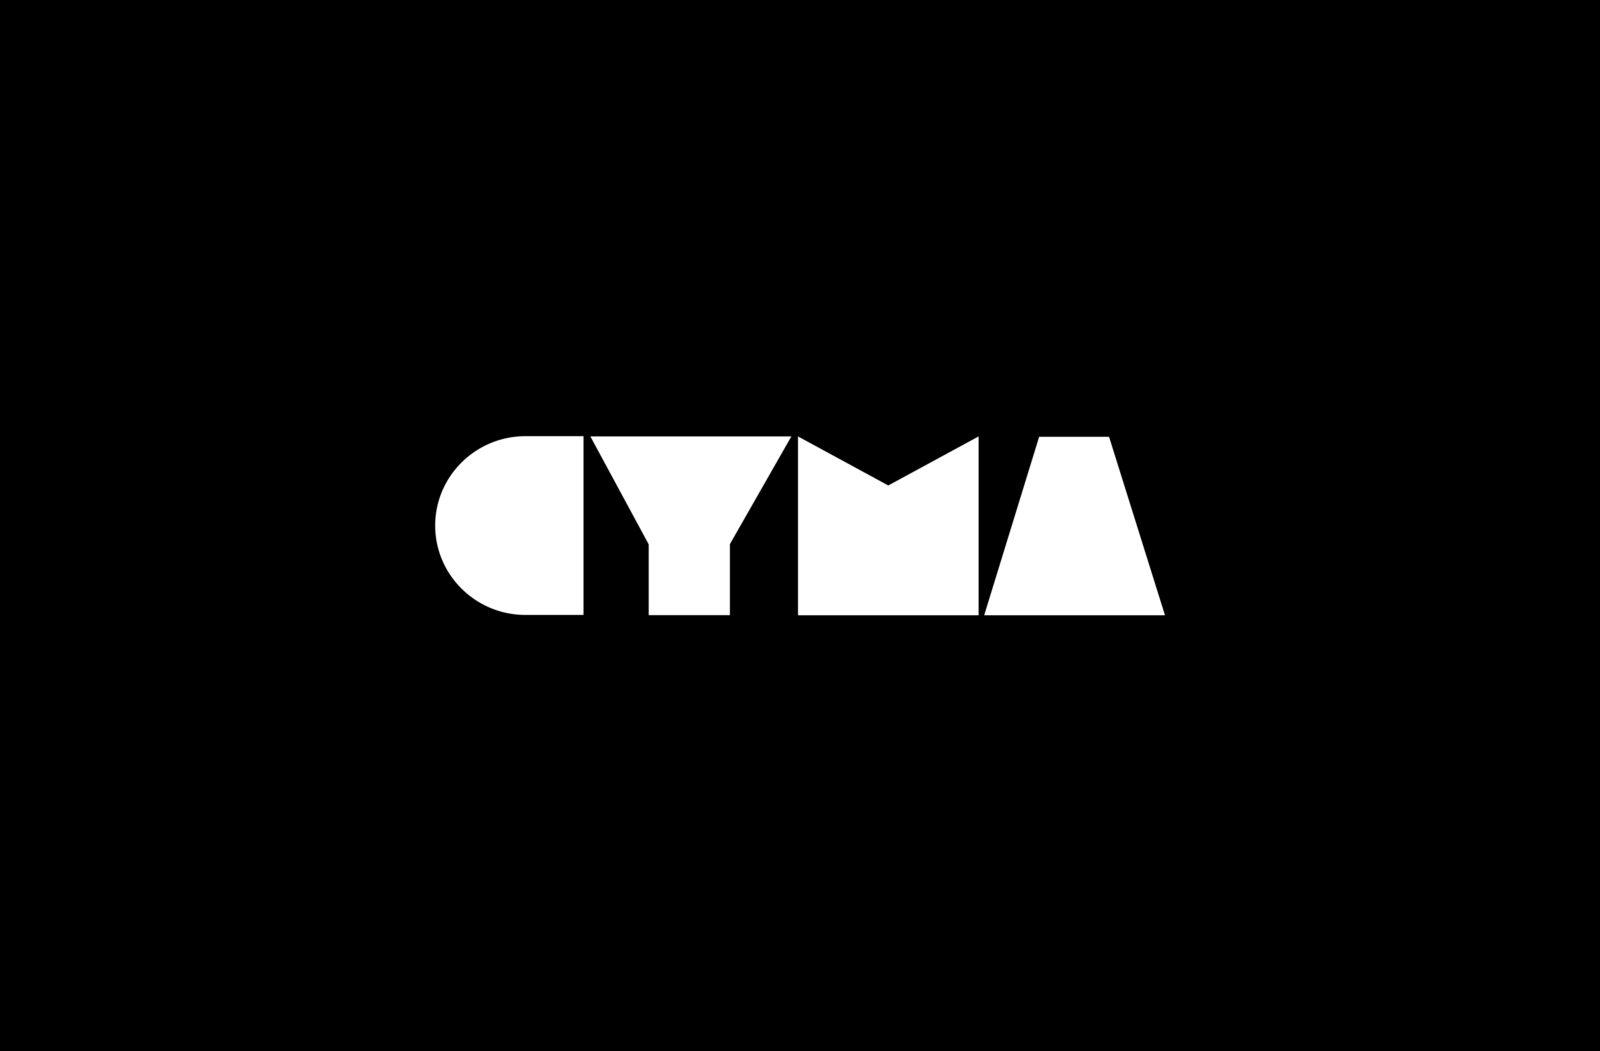 CYMA_1